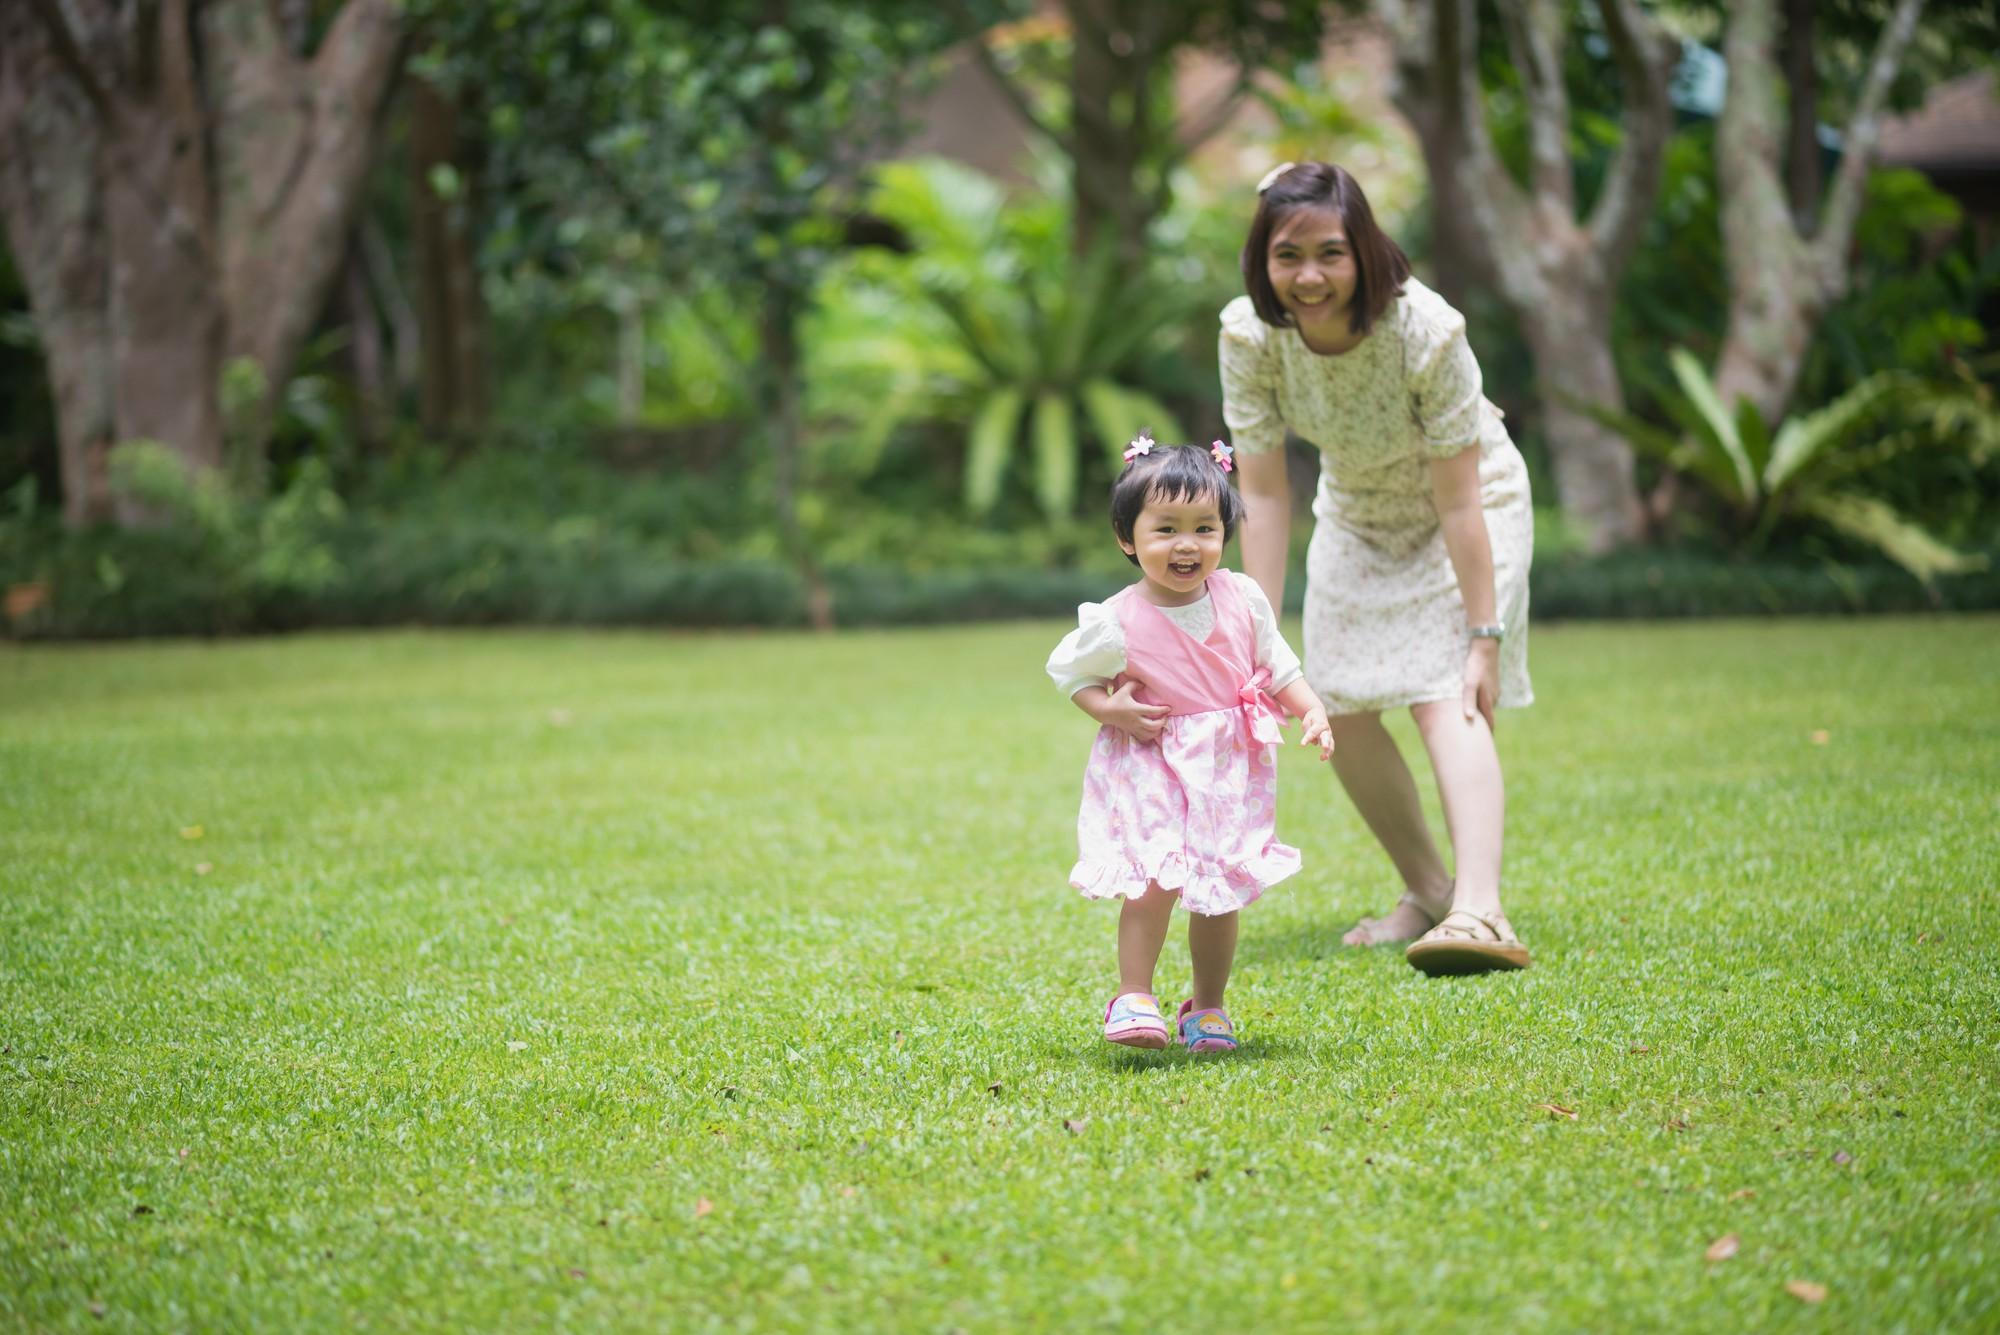 庭で母親と遊ぶかわいい赤ちゃん